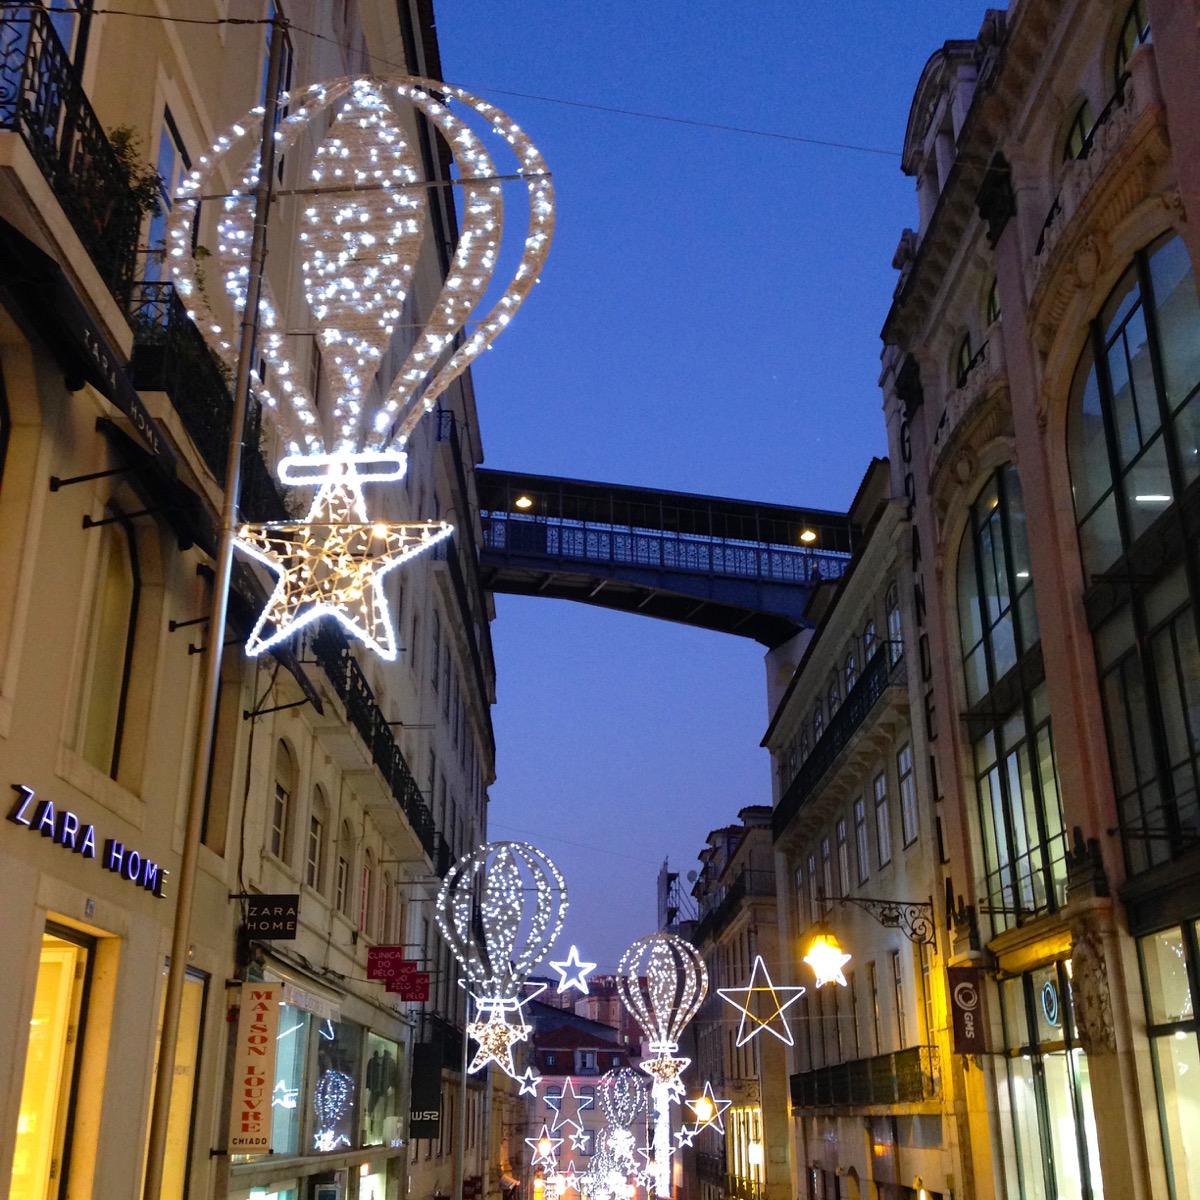 Weihnachtliche Beleuchtung in Lissabons Stadtdteil Baixa.